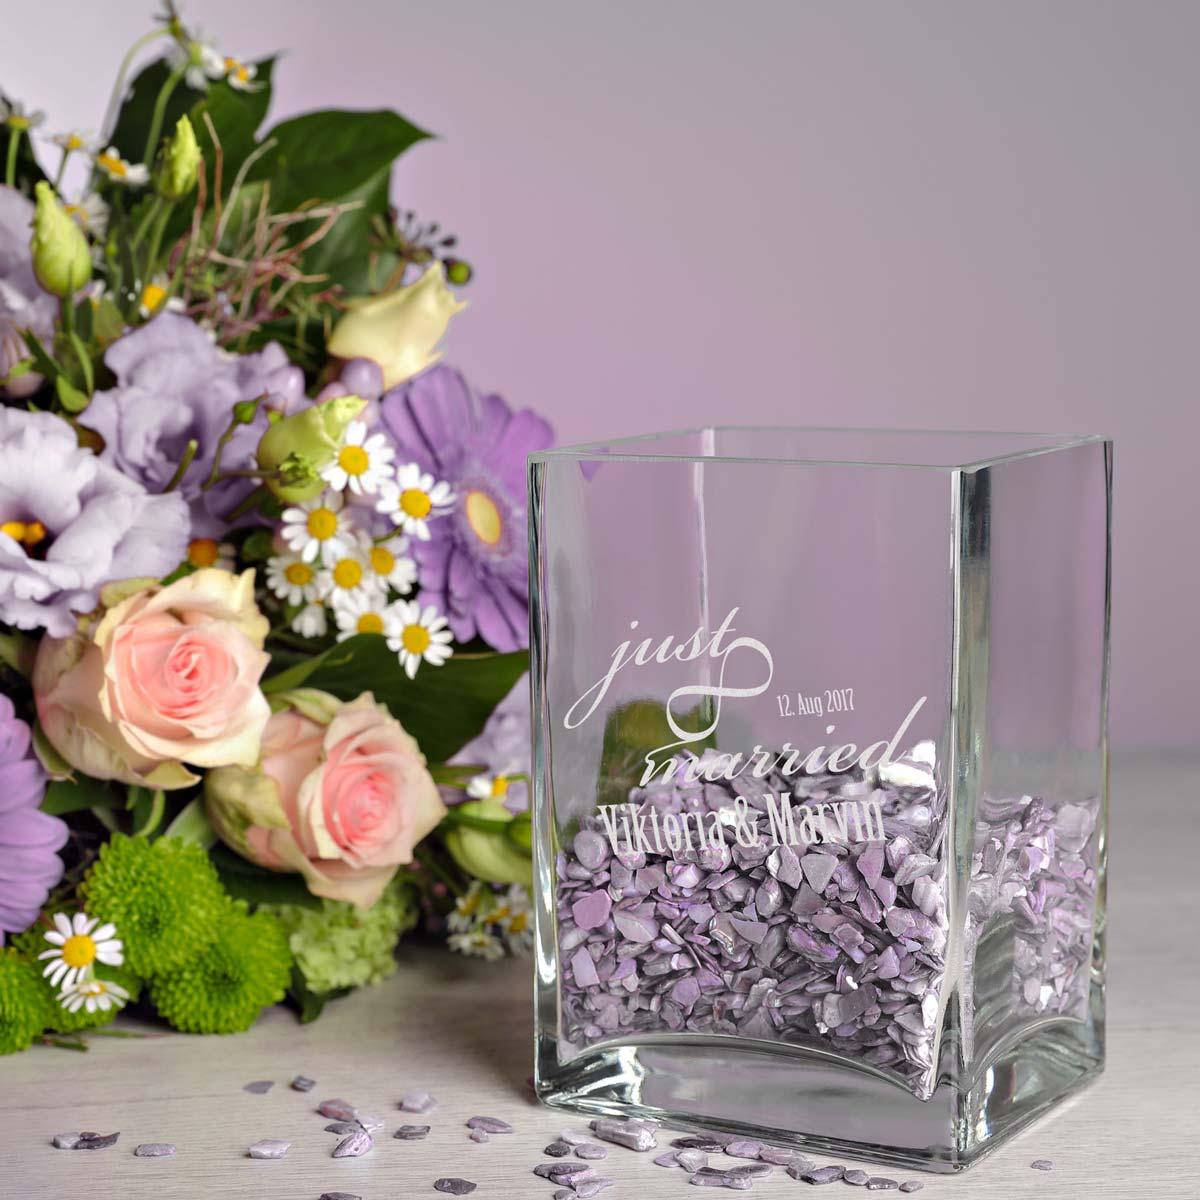 kleine blumenvase vase inkl gravur motiv just married mit unendlichkeitszeichen ebay. Black Bedroom Furniture Sets. Home Design Ideas